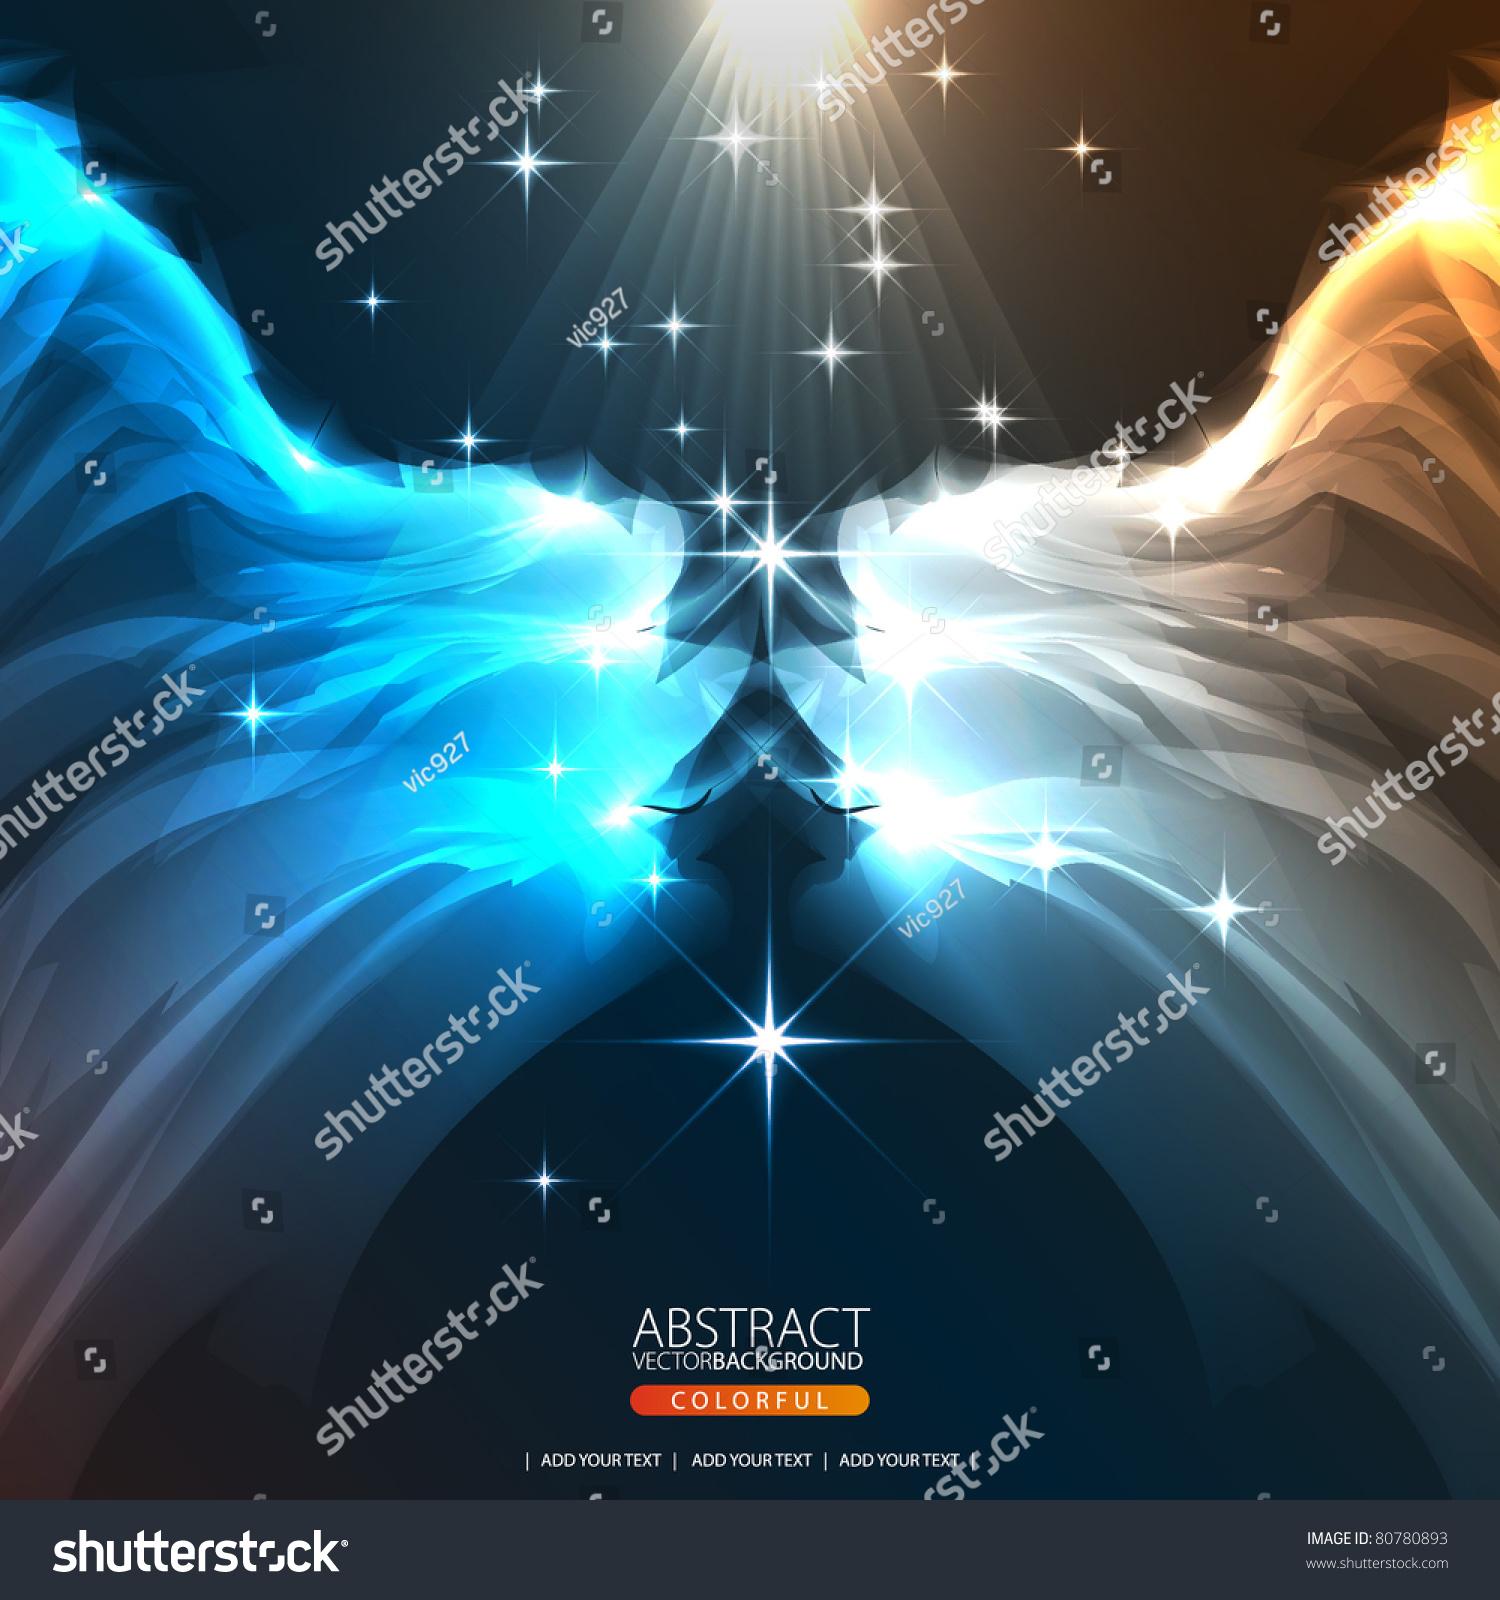 长着翅膀的抽象背景设计-背景/素材